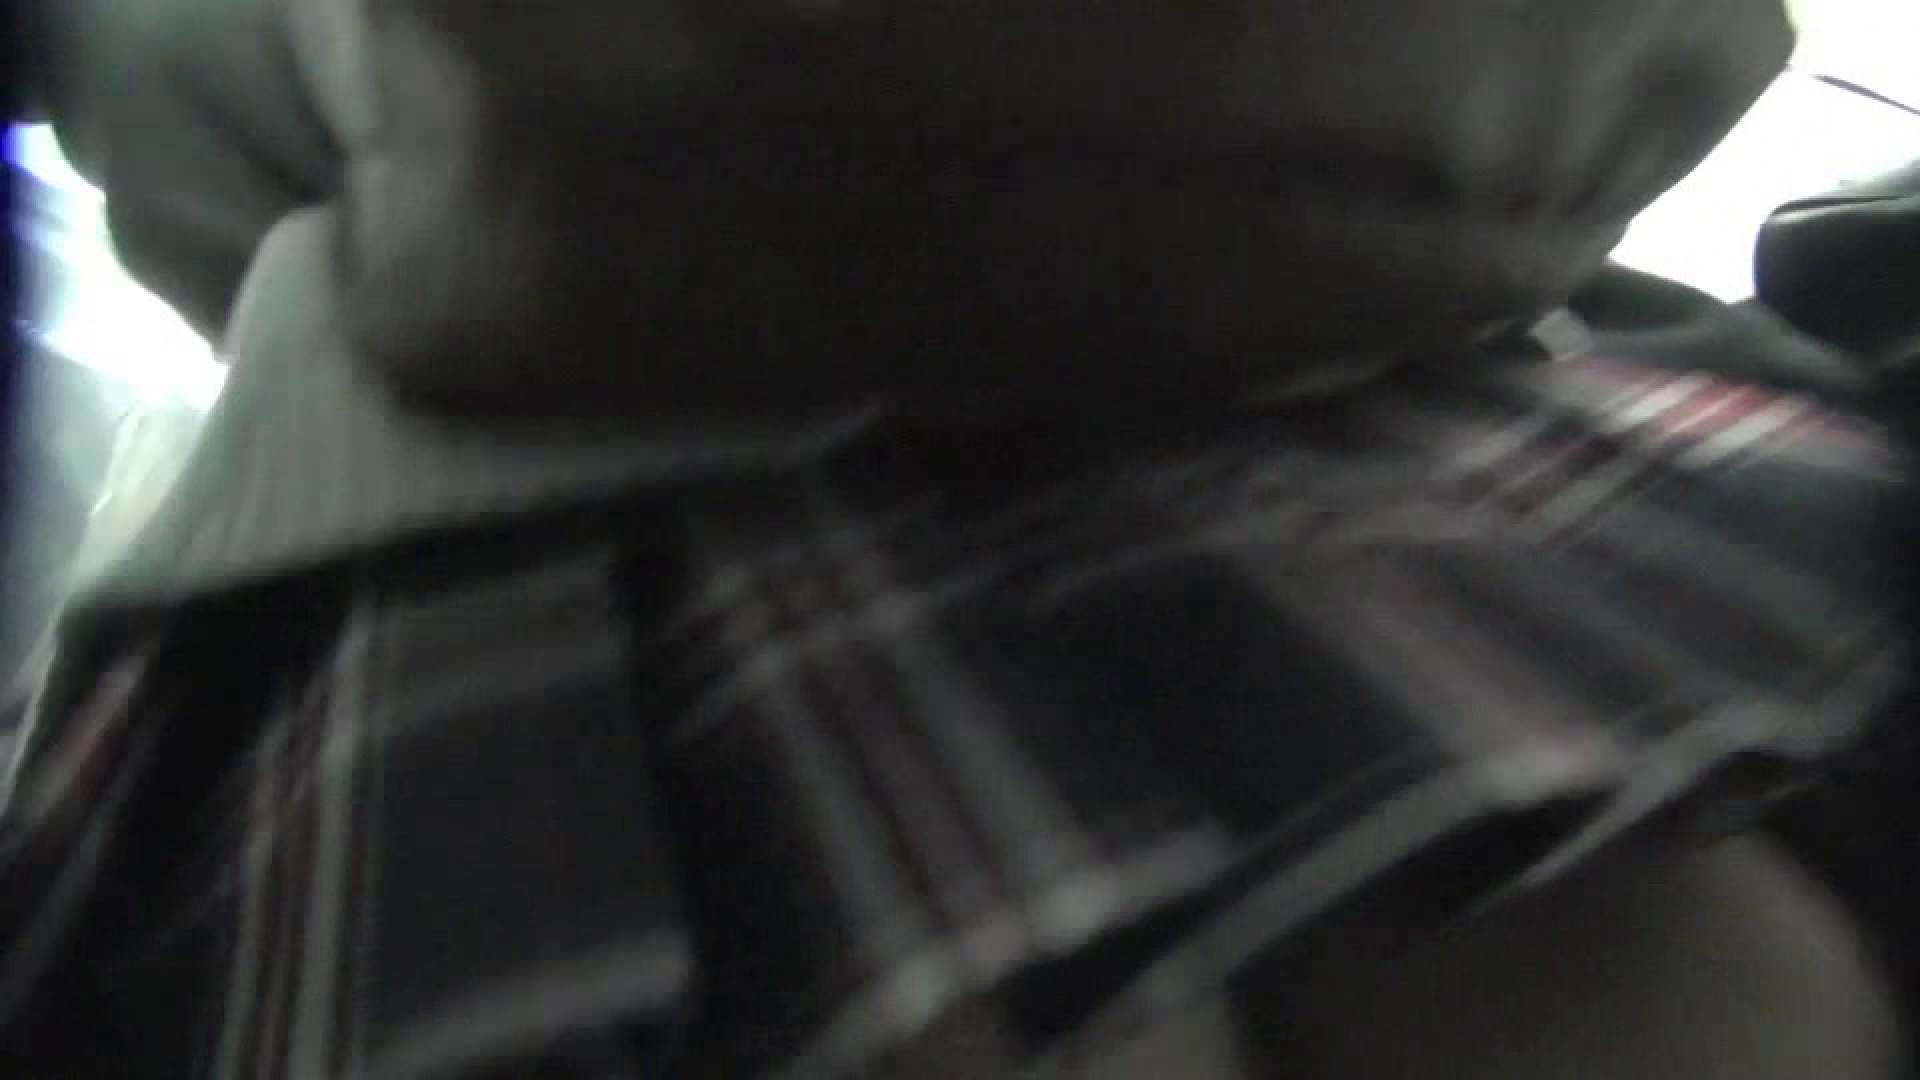 現役ギャル盗撮師 hana様のプリクラ潜入!制服Pチラ!Vol.6 盗撮シリーズ   プリクラ  83PIX 1